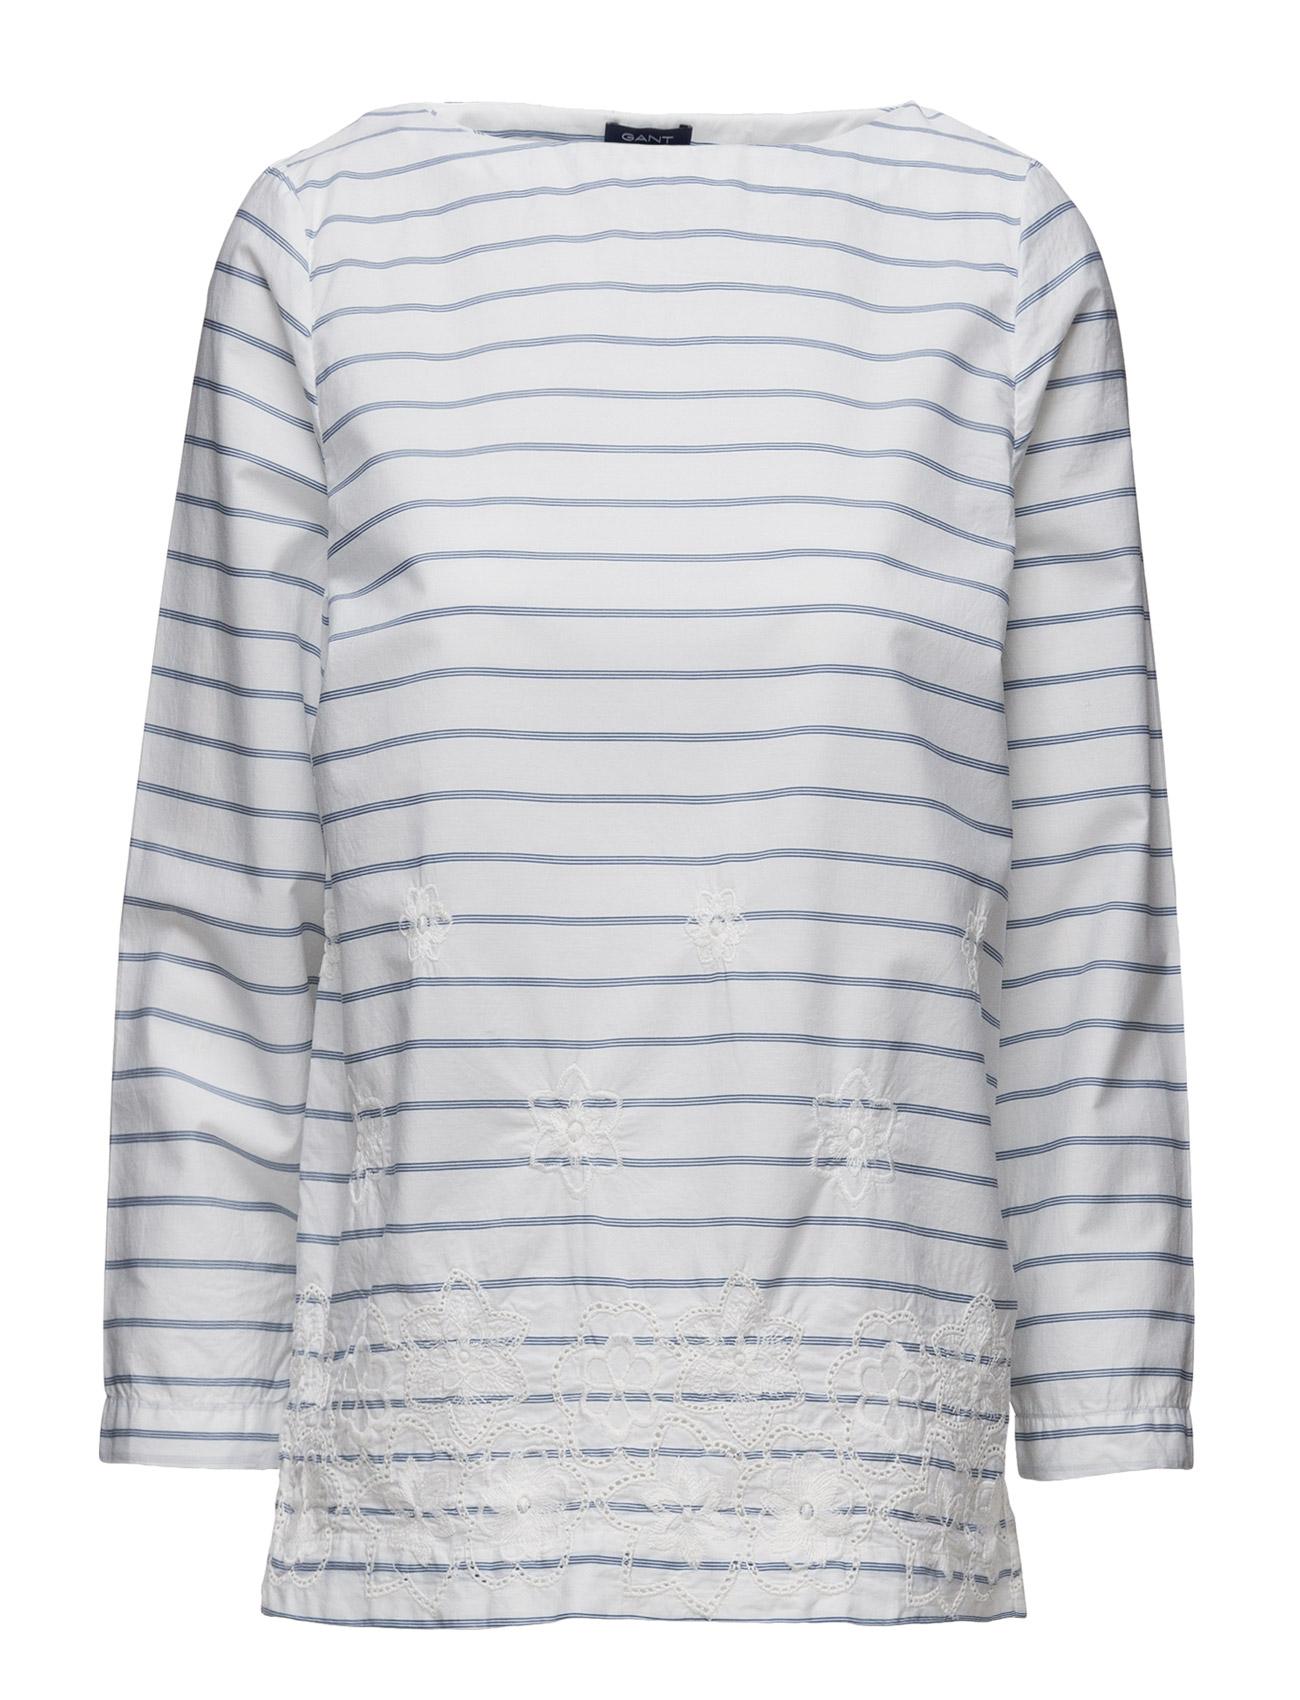 Yc. Embroidered Stripe Top GANT Barne til  - MoteJakten